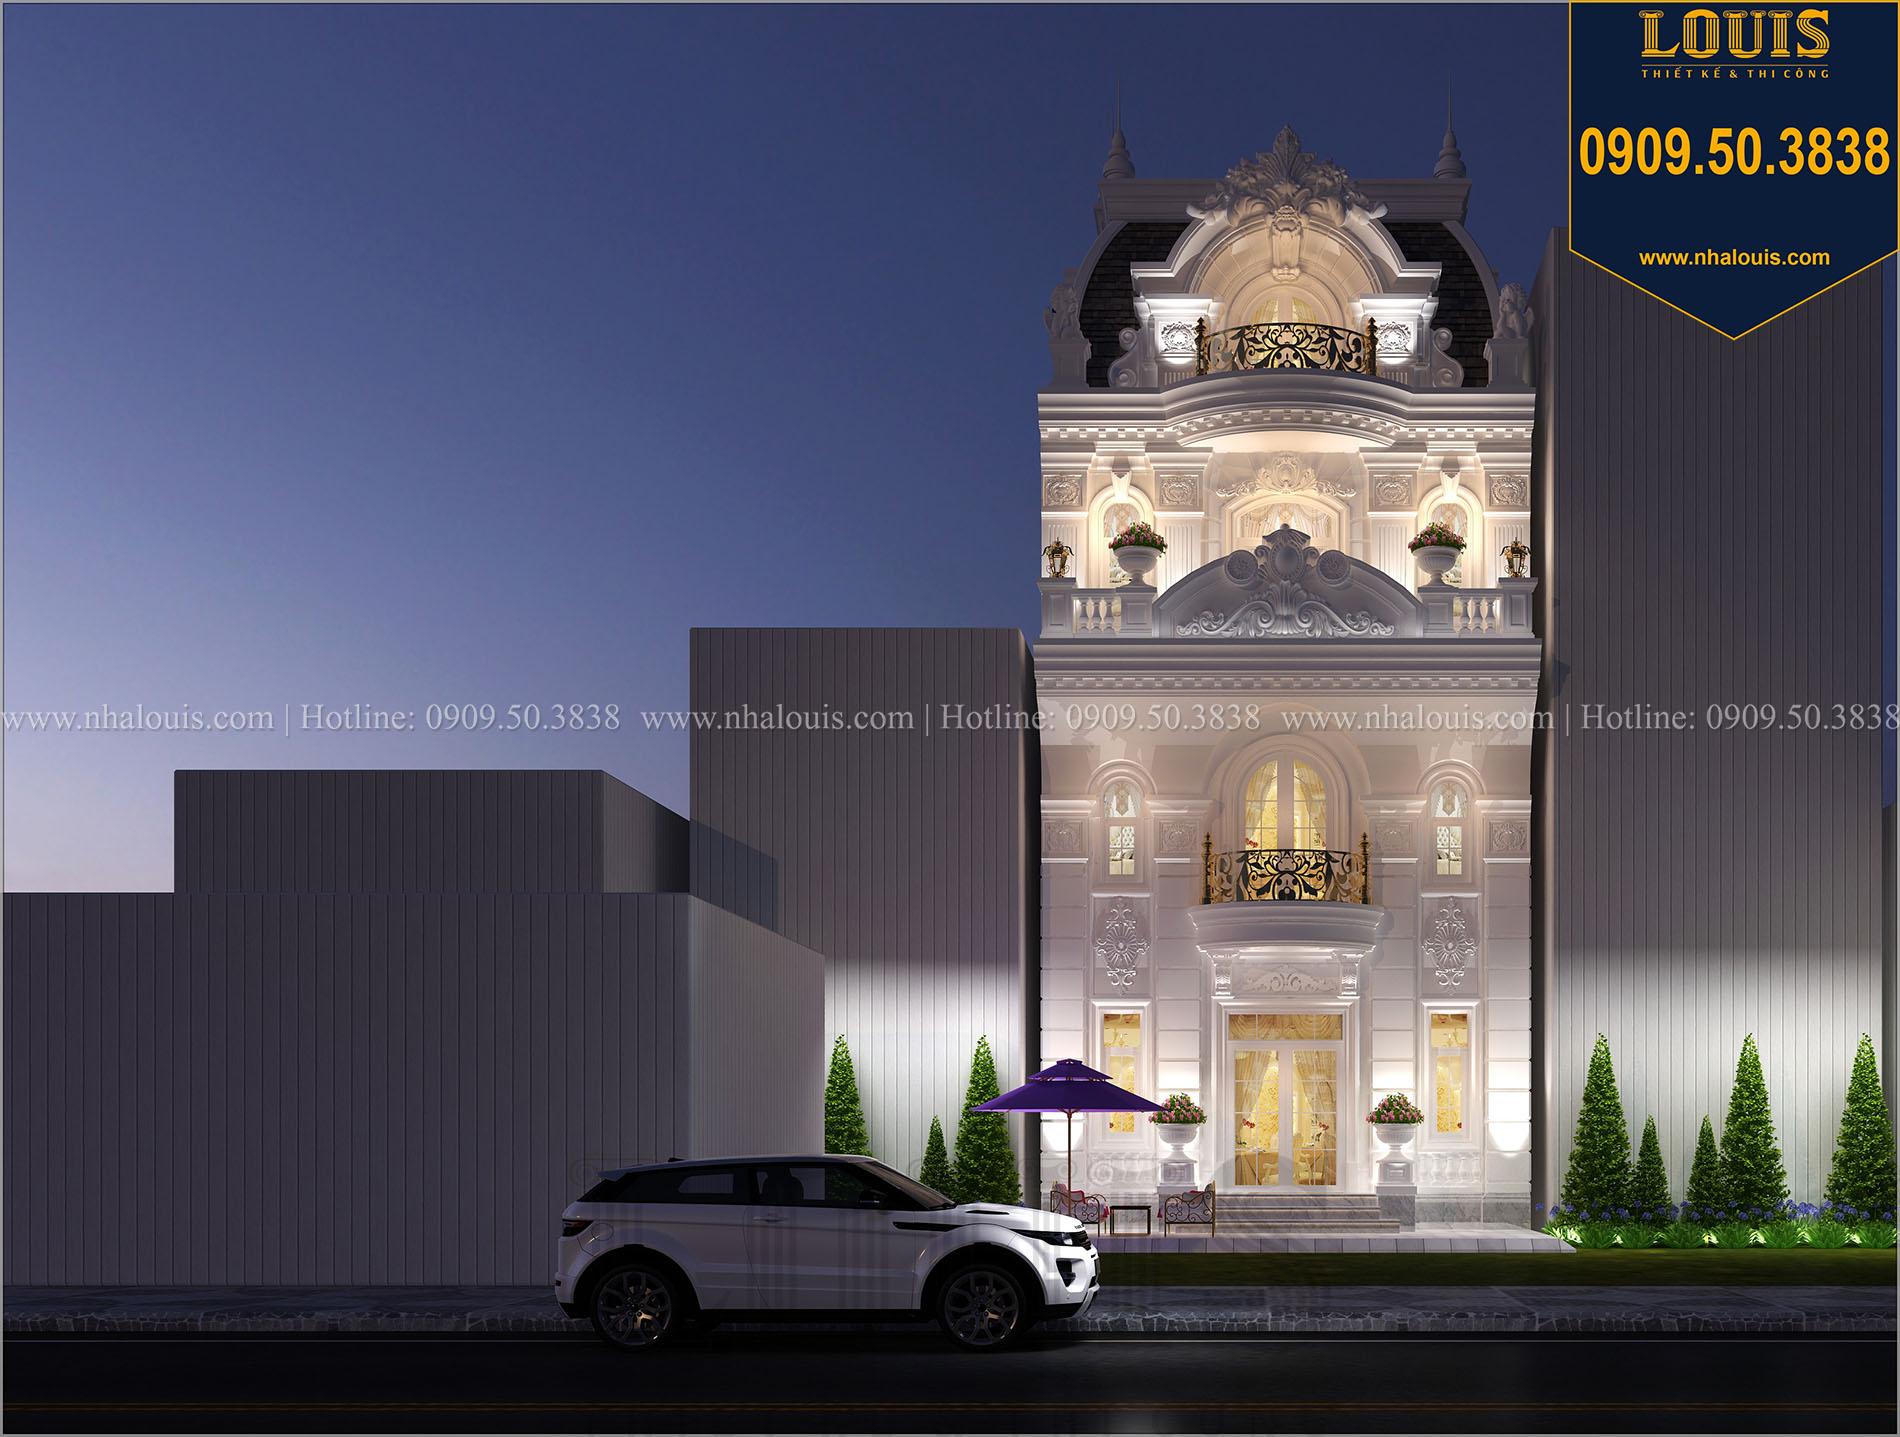 Mặt tiền biệt thự phong cách cổ điển châu Âu - 003 - 1